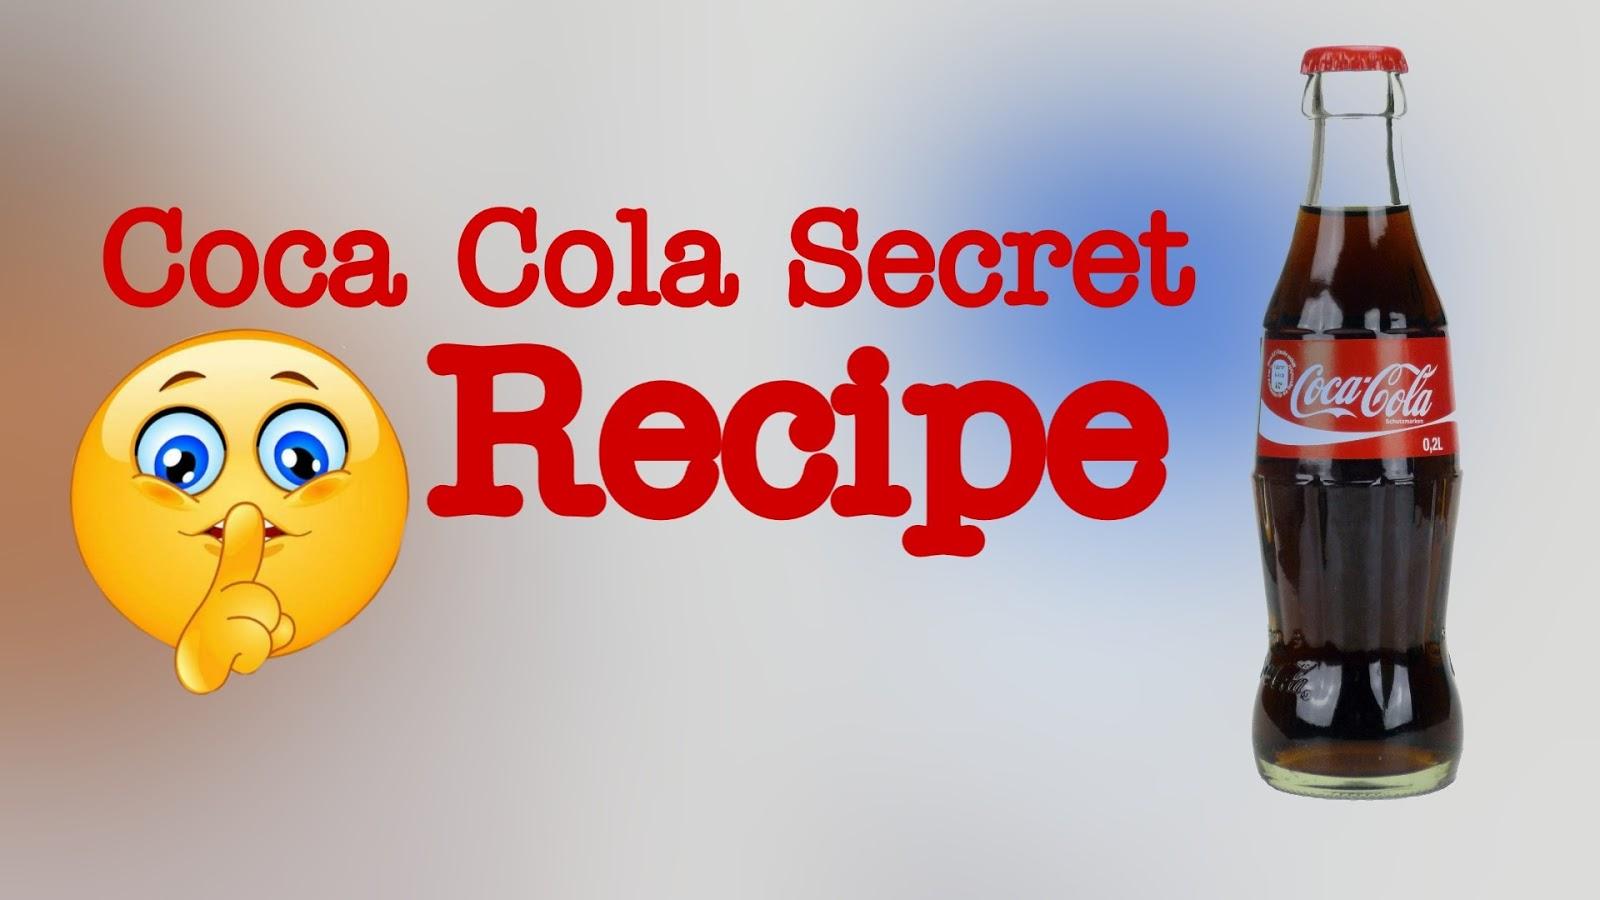 Coca cola original recipe